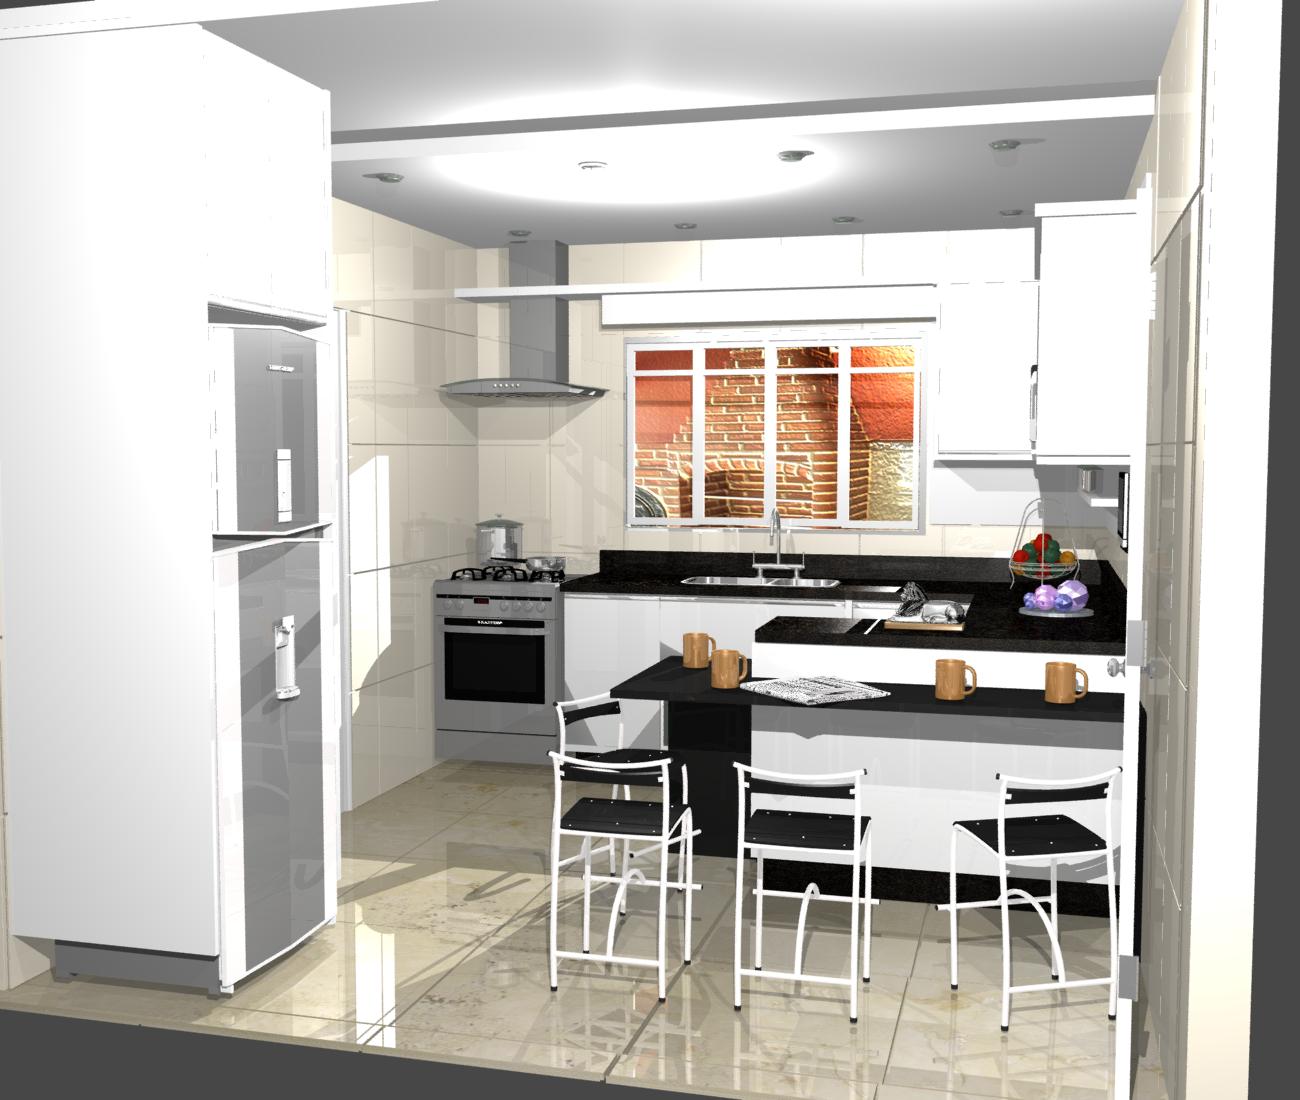 para cozinhas cozinhas planejadas dellano dellano cozinhas planejadas #A54126 1300 1100